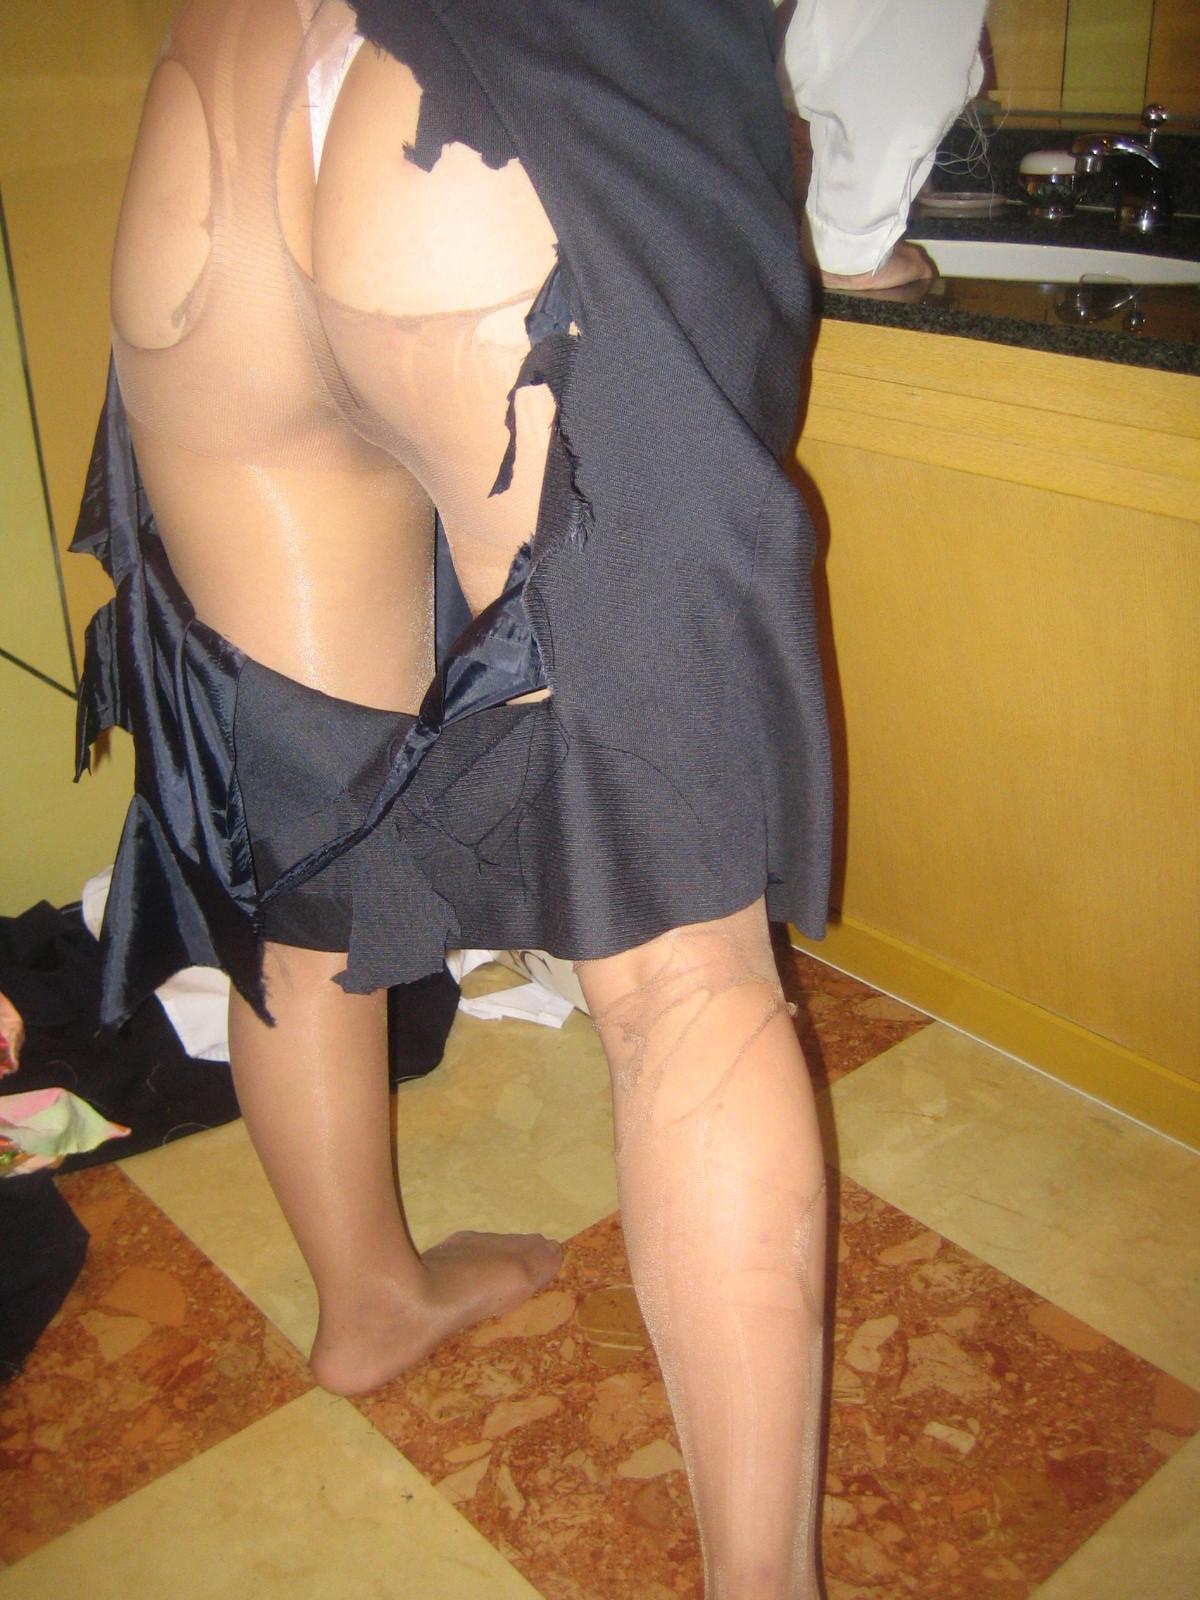 【切り裂きエロ画像】一体何があった!?無残に服を破られ恥部丸見えの人達www 03